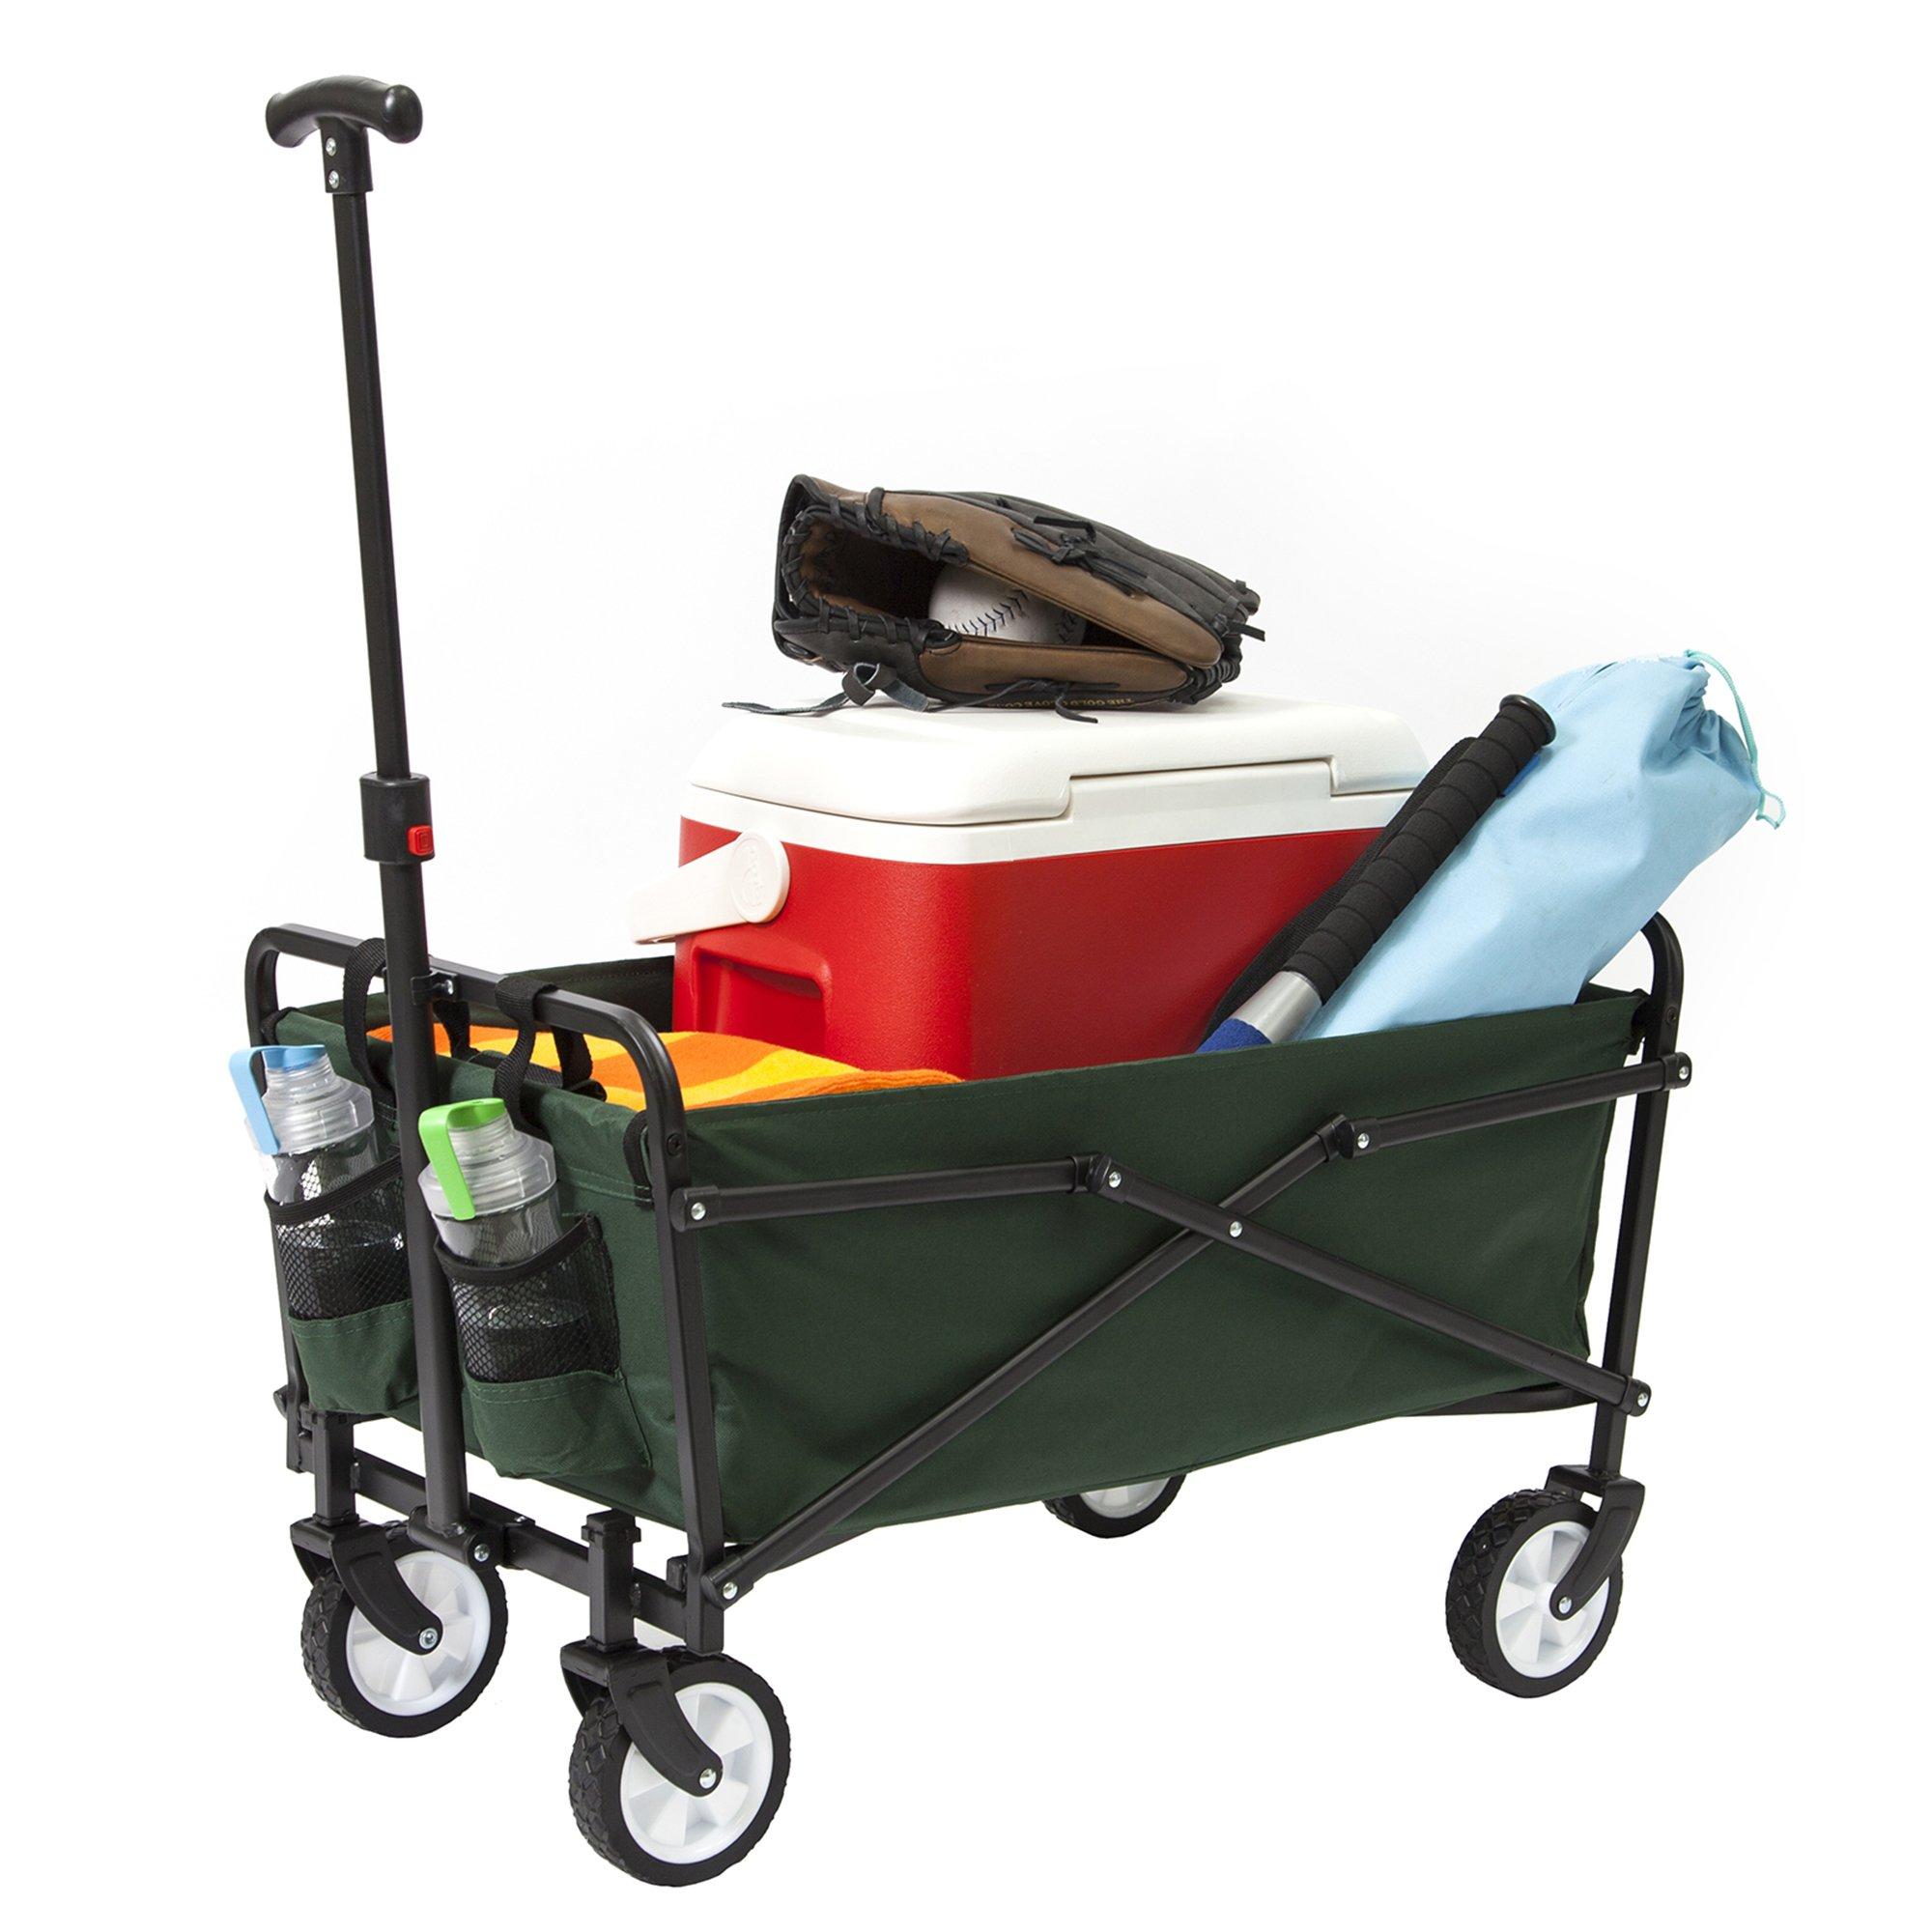 YSC Wagon Garden Folding Utility Shopping Cart,Beach (Green) by YSC (Image #1)